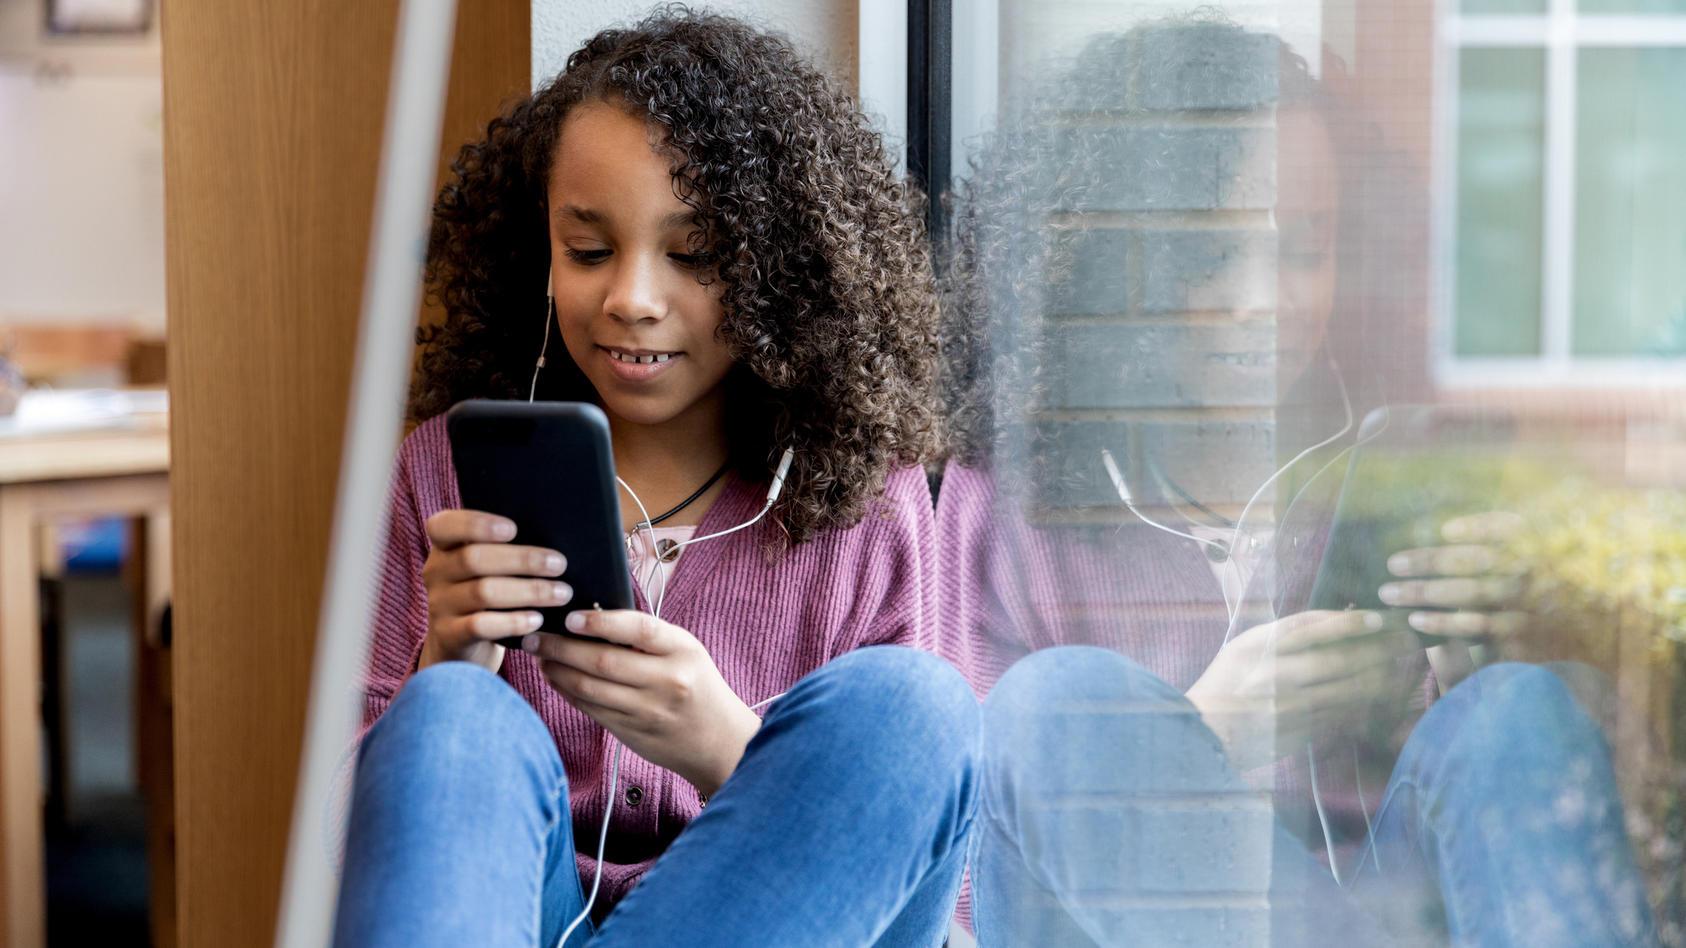 Wer sich einen Account bei Instagram machen will, muss mindestens 13 Jahre alt sein. Doch bald soll es eine eigene Version für Kinder geben.